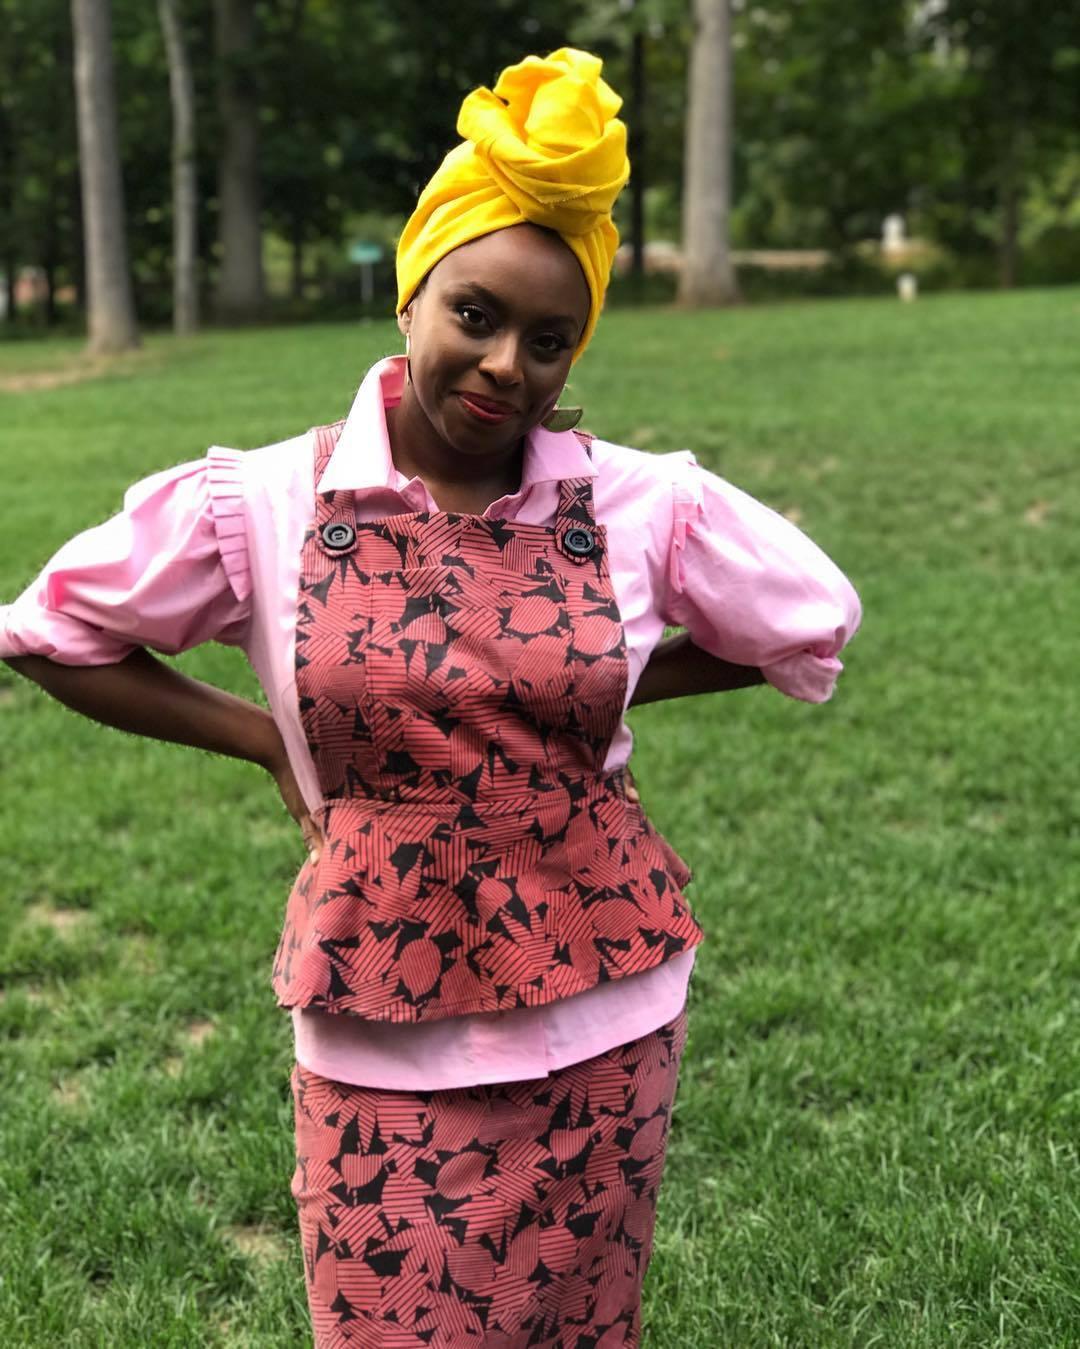 Chimamanda Ngozi en una imagen de su cuenta de Instagram